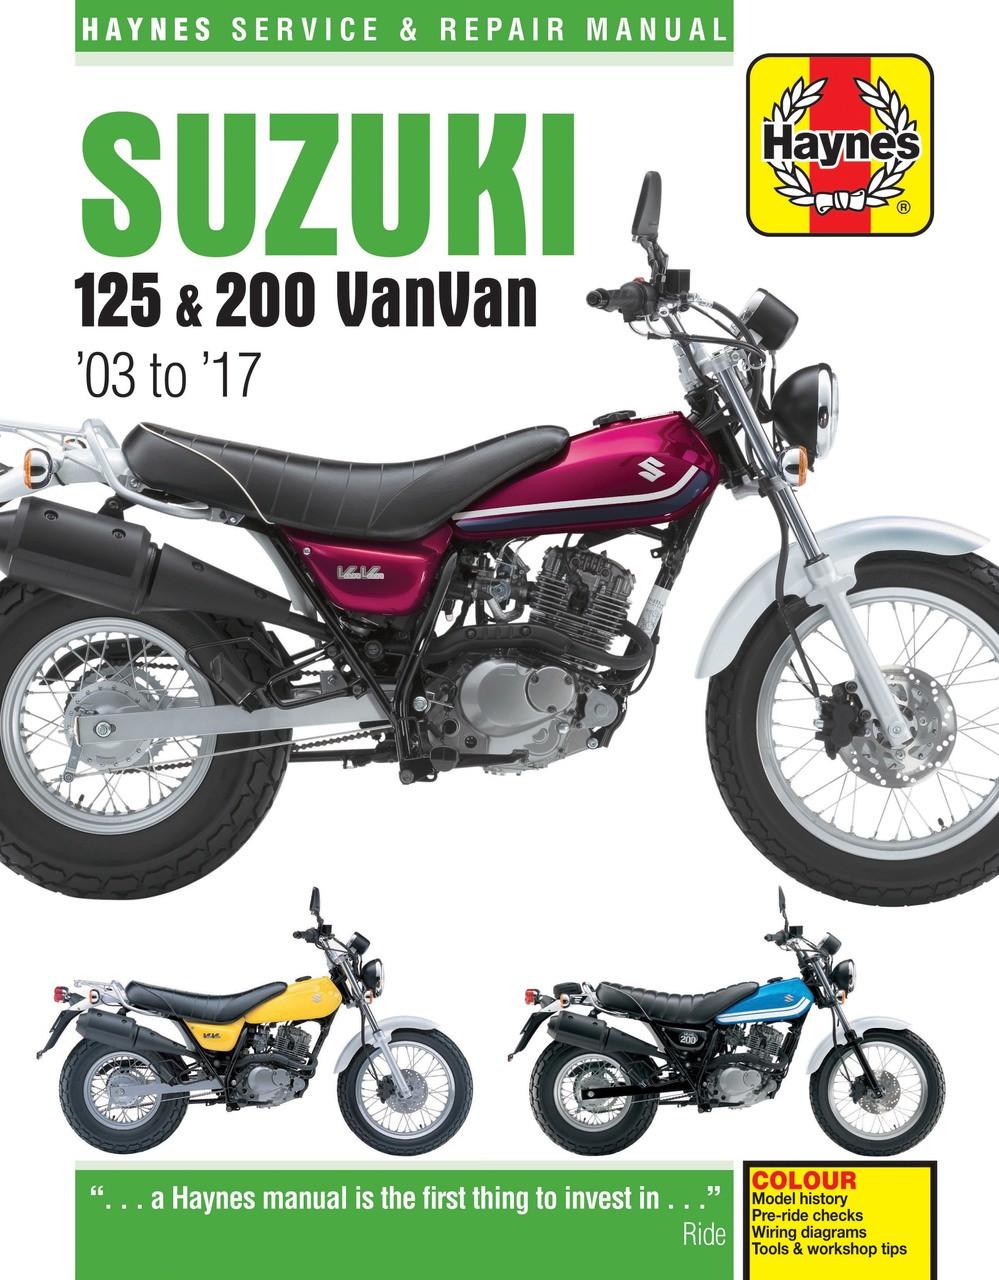 hight resolution of suzuki rv125 rv200 vanvan 2003 2017 workshop manual suzuki rv 125 wiring diagram suzuki rv 125 wiring diagram